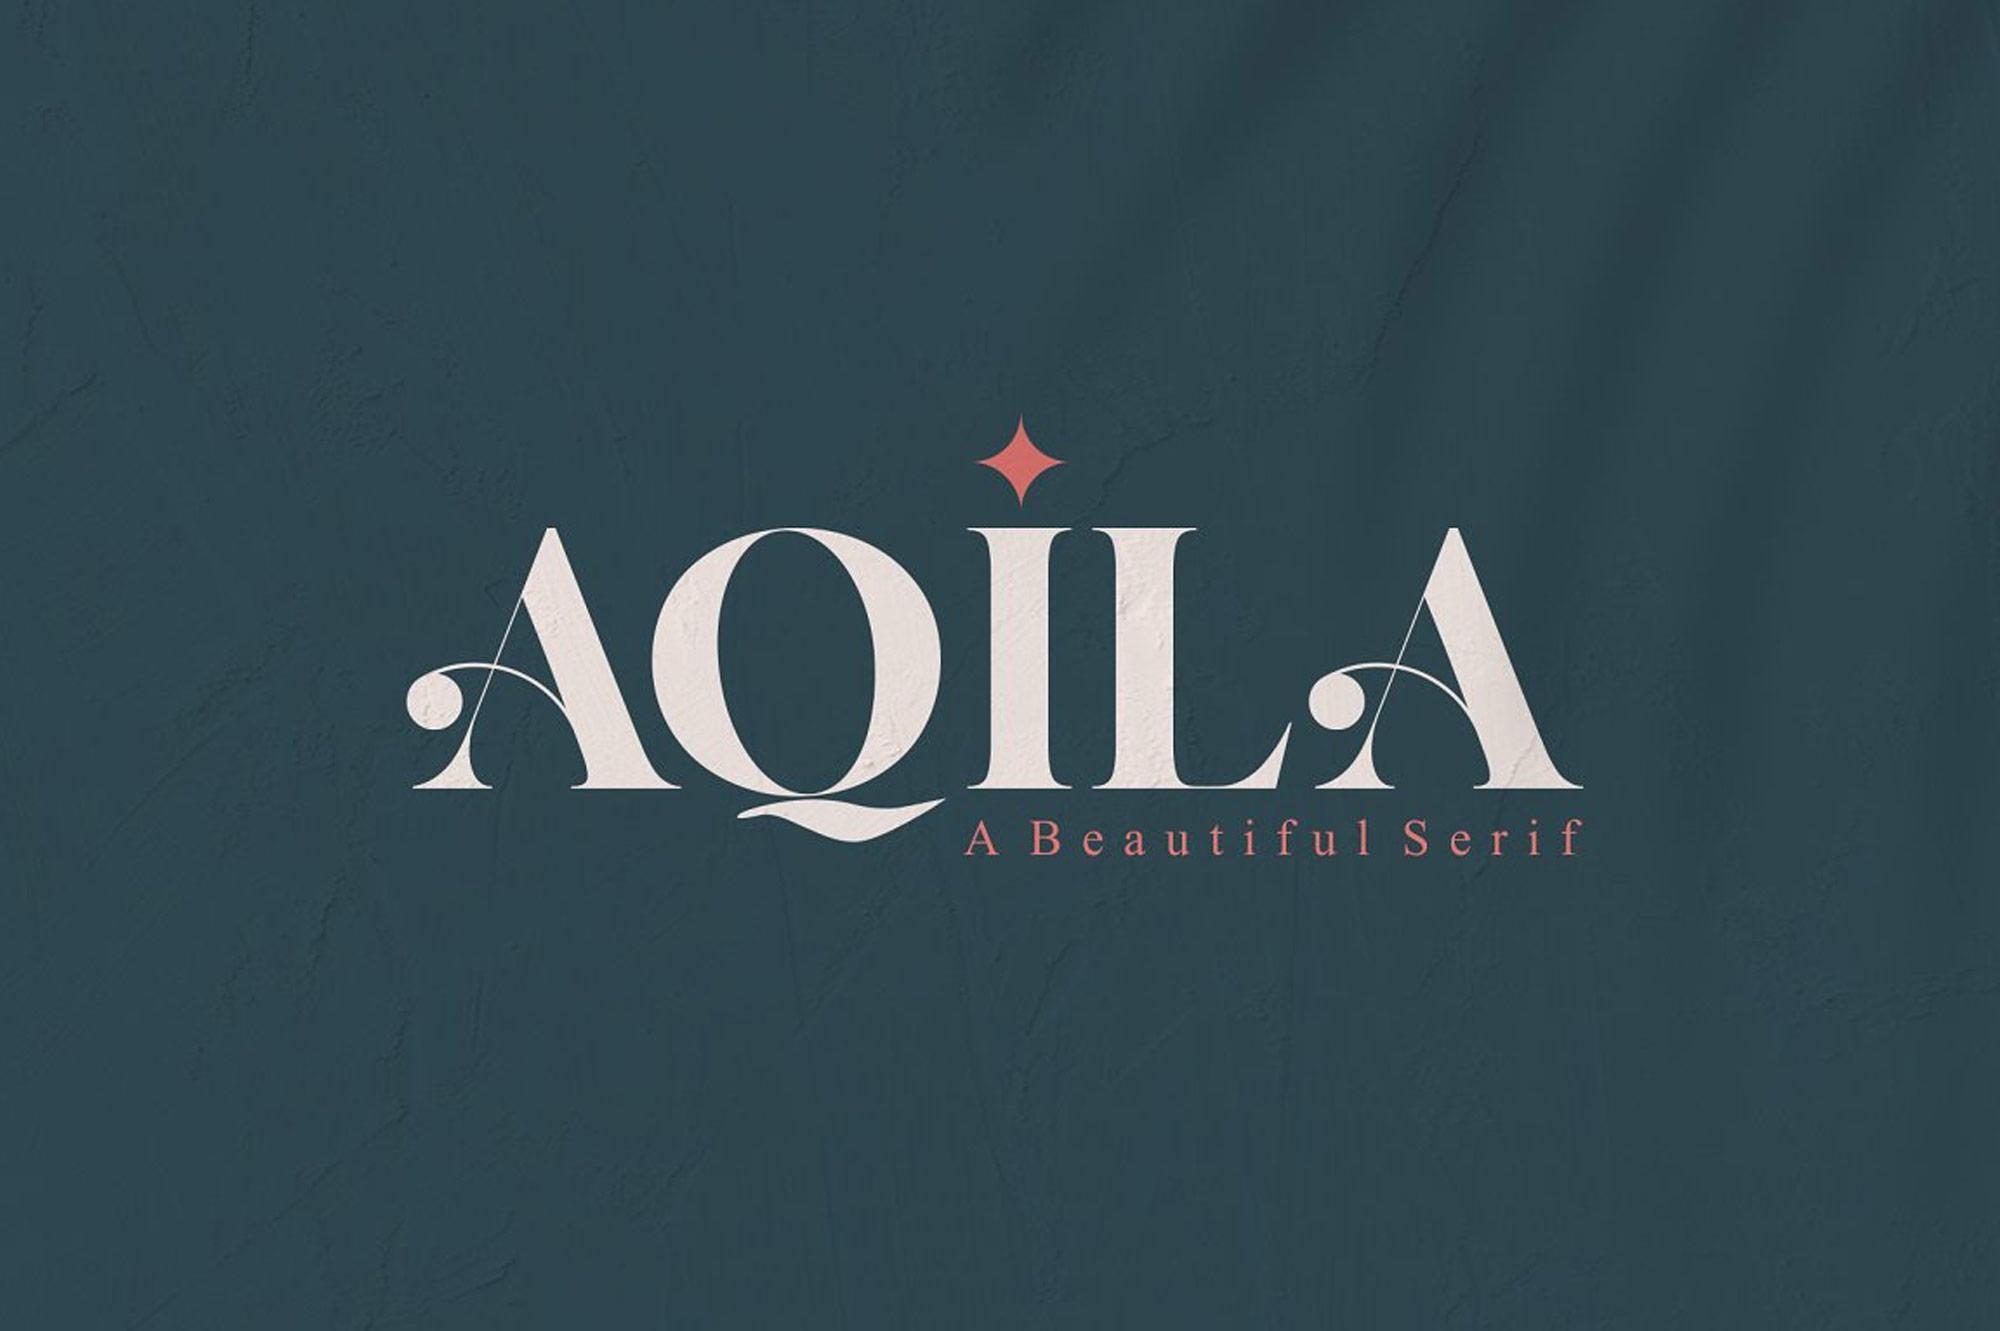 Aquila-1AQILA - A Beautiful Serif Font